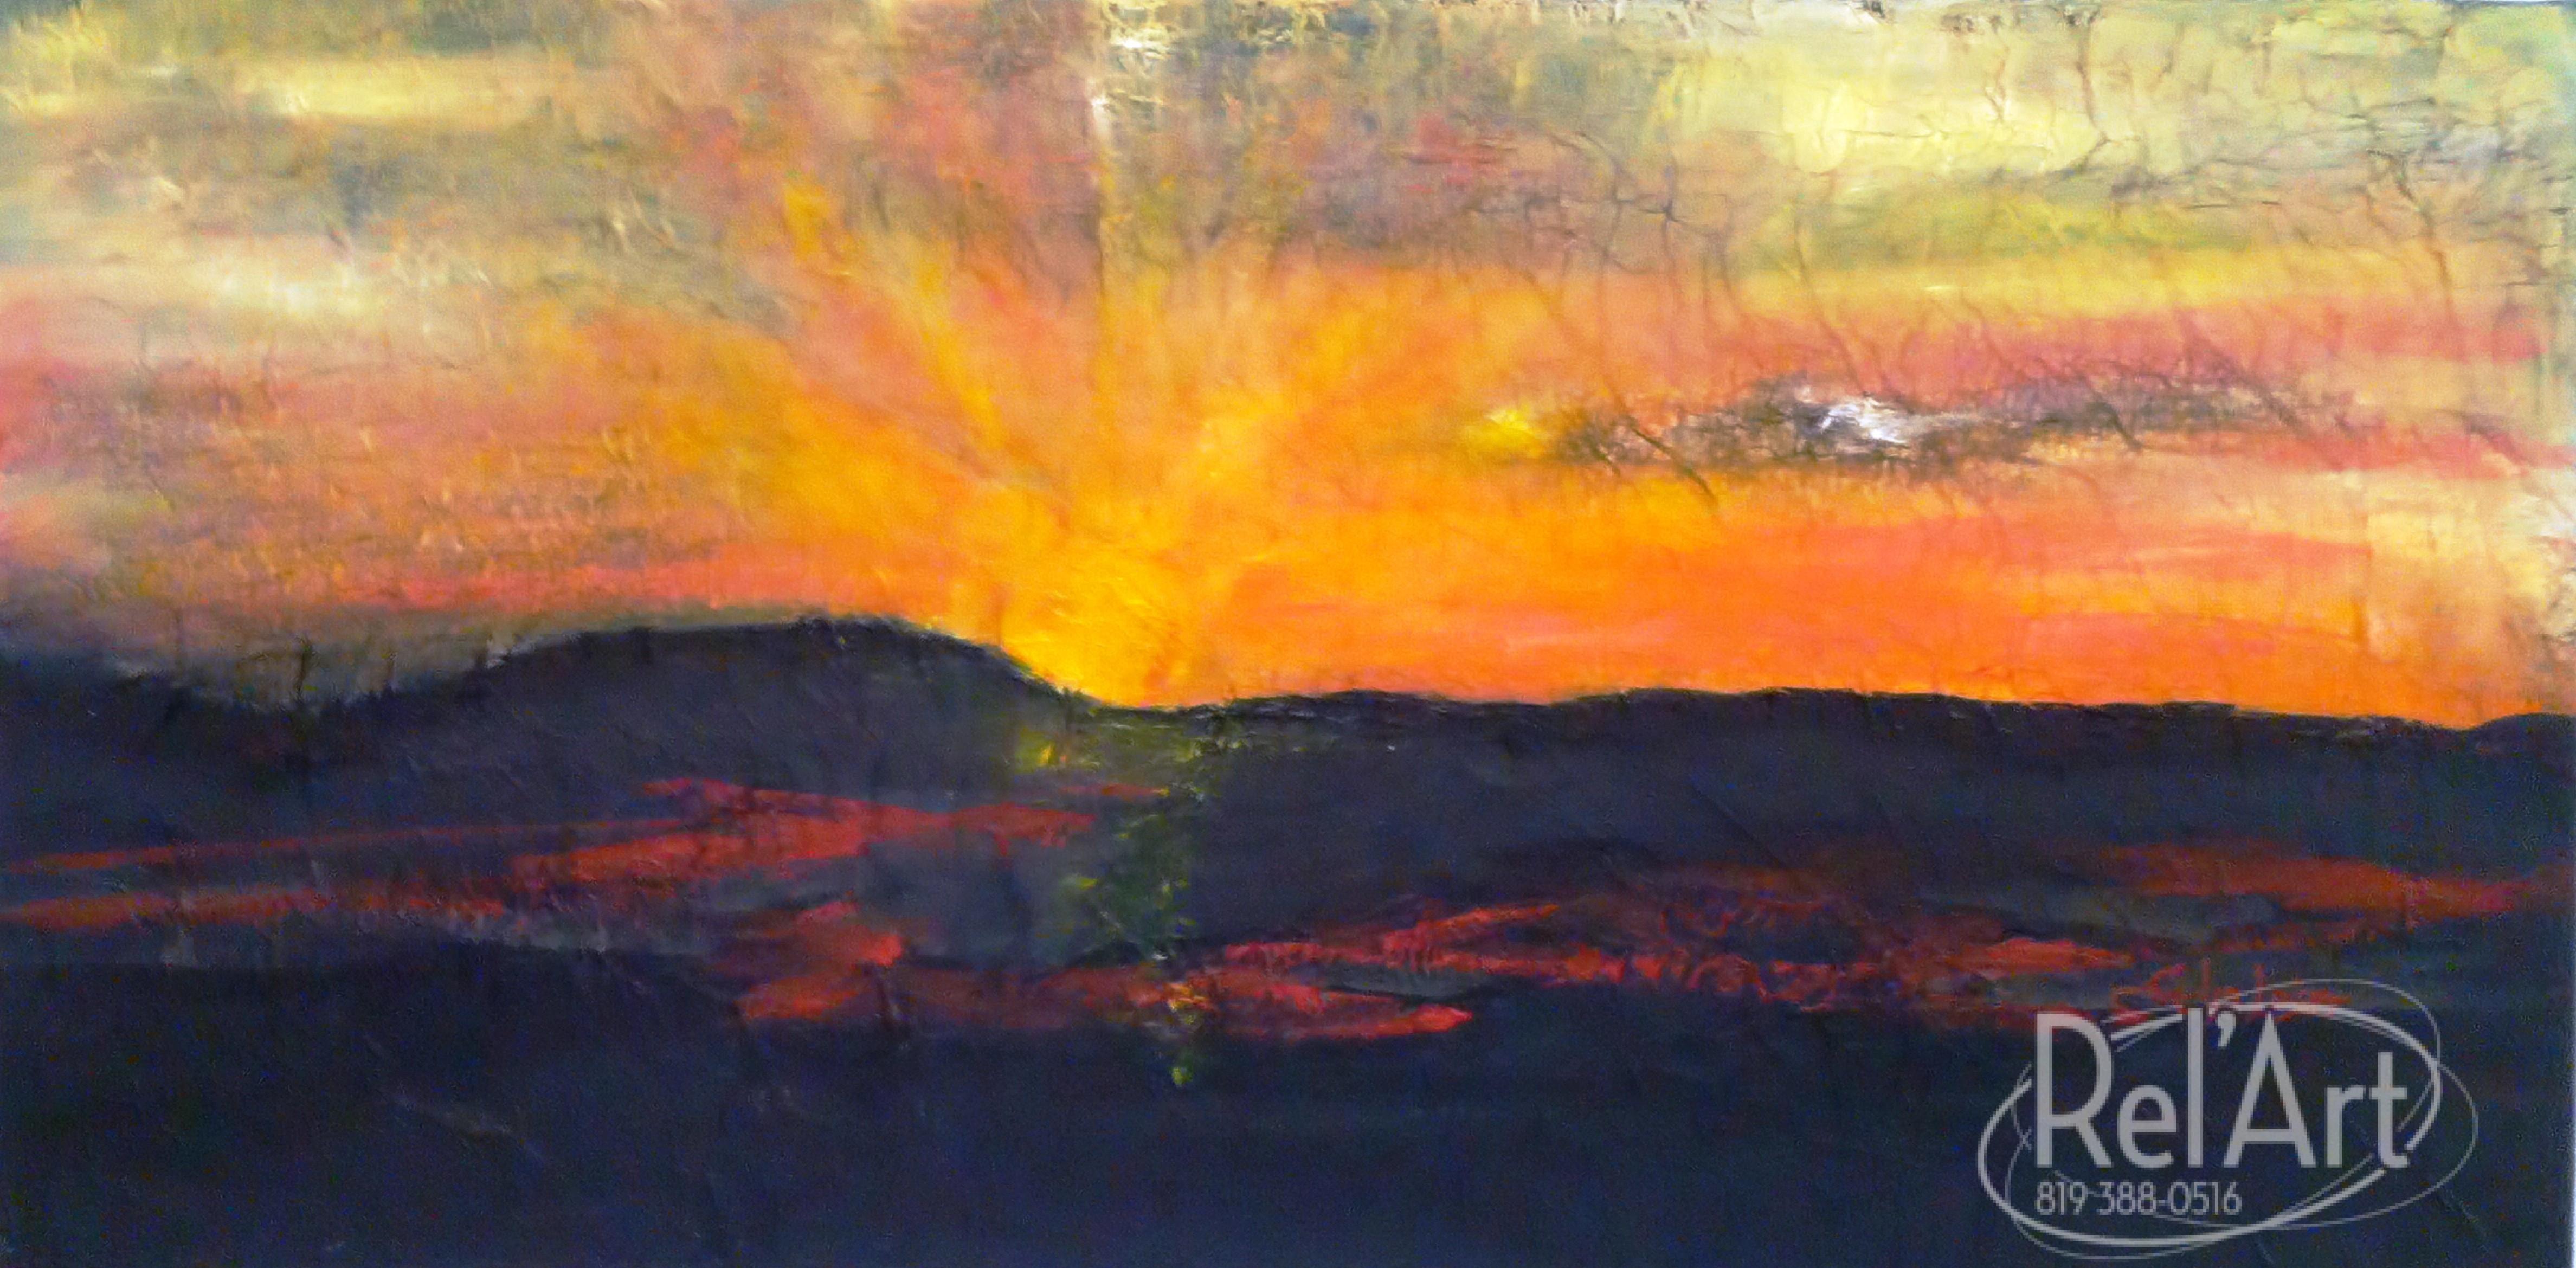 Astral peinture batiment for Peintures astral